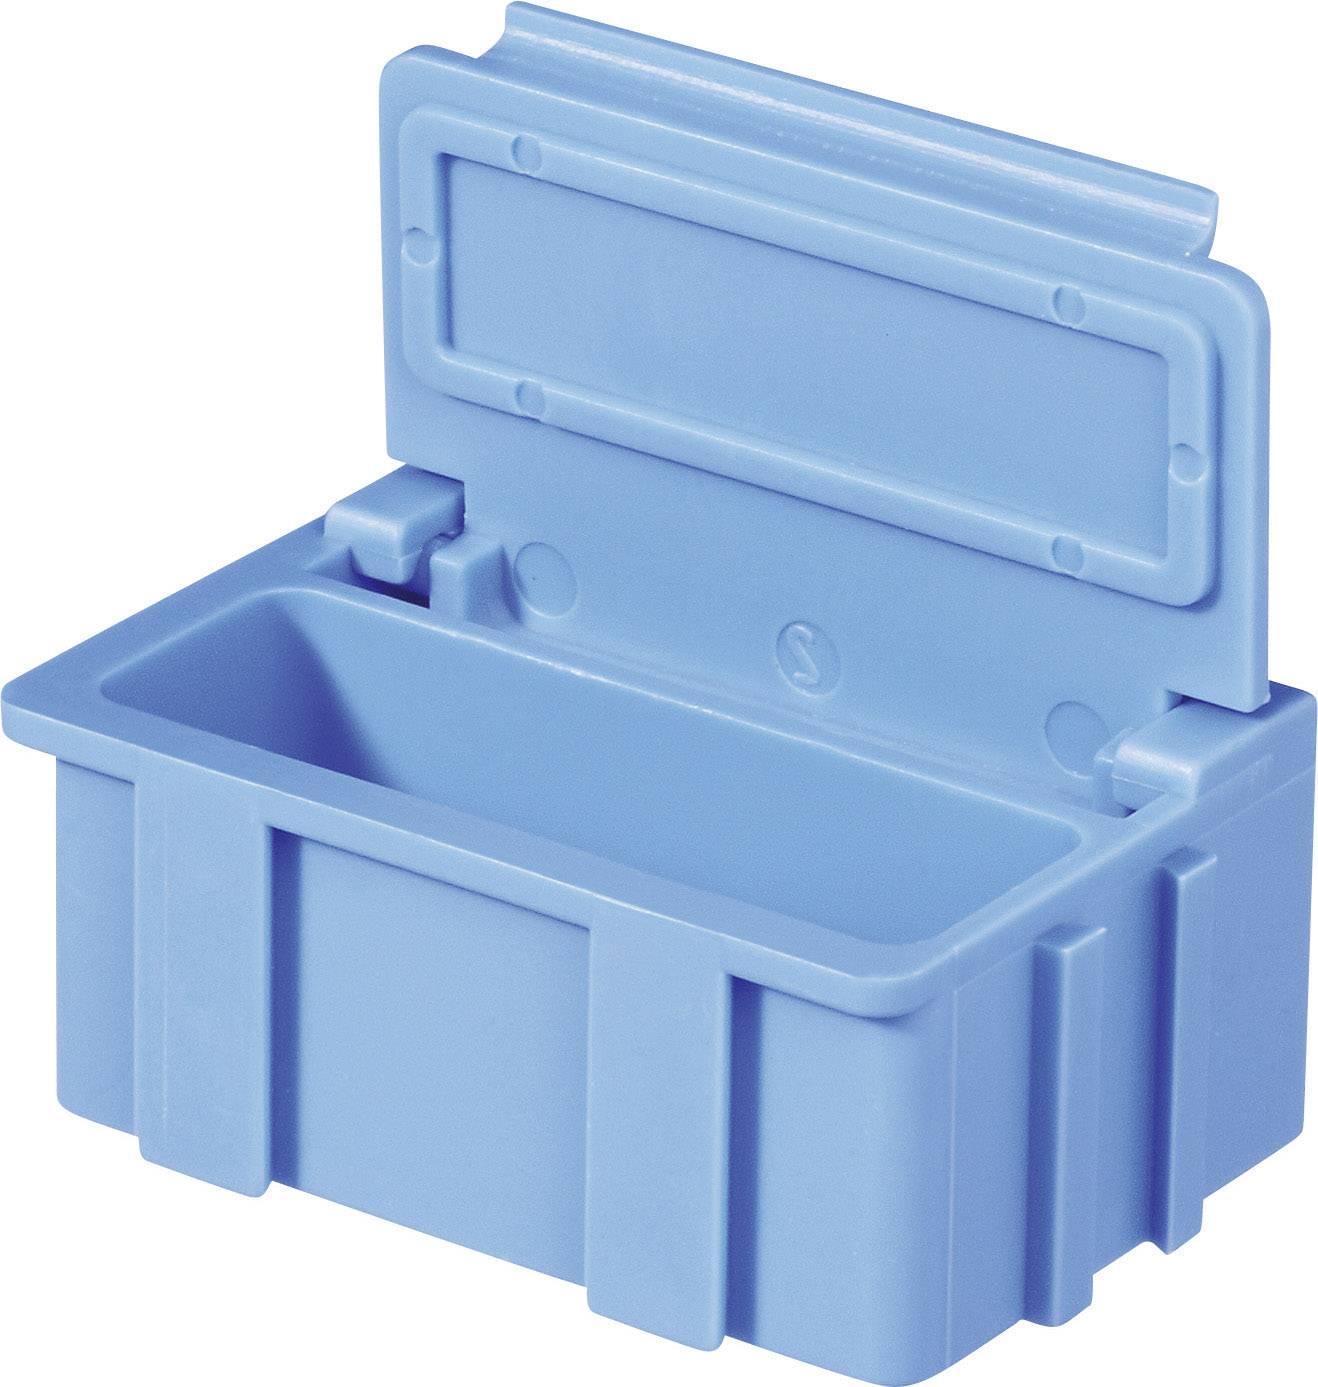 Box pro SMD součástky Licefa, N22288, 37 x 12 x 15 mm, modrá